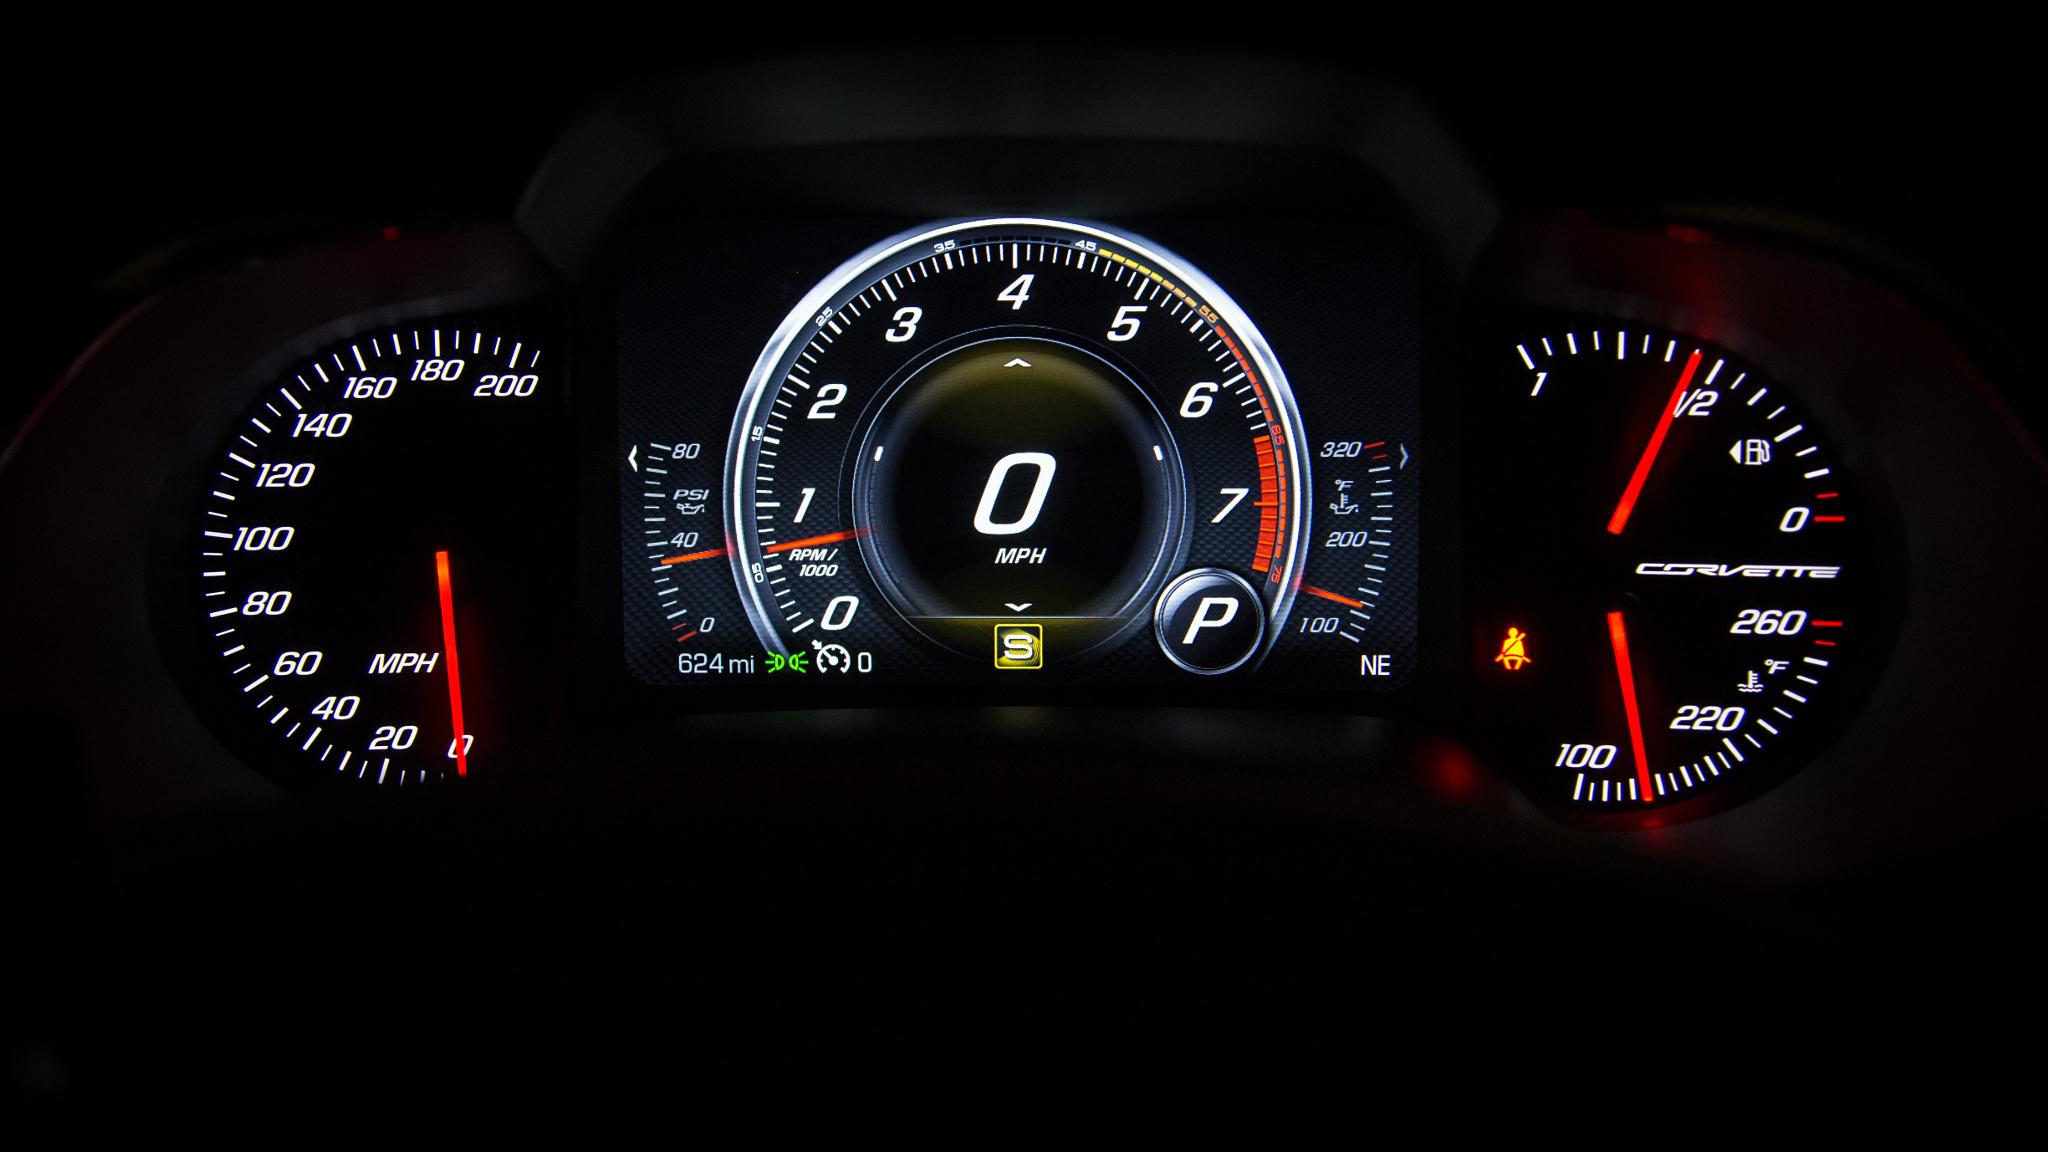 Wallpaper the instrument panel speedometer corvette wallpapers hi 2048x1152